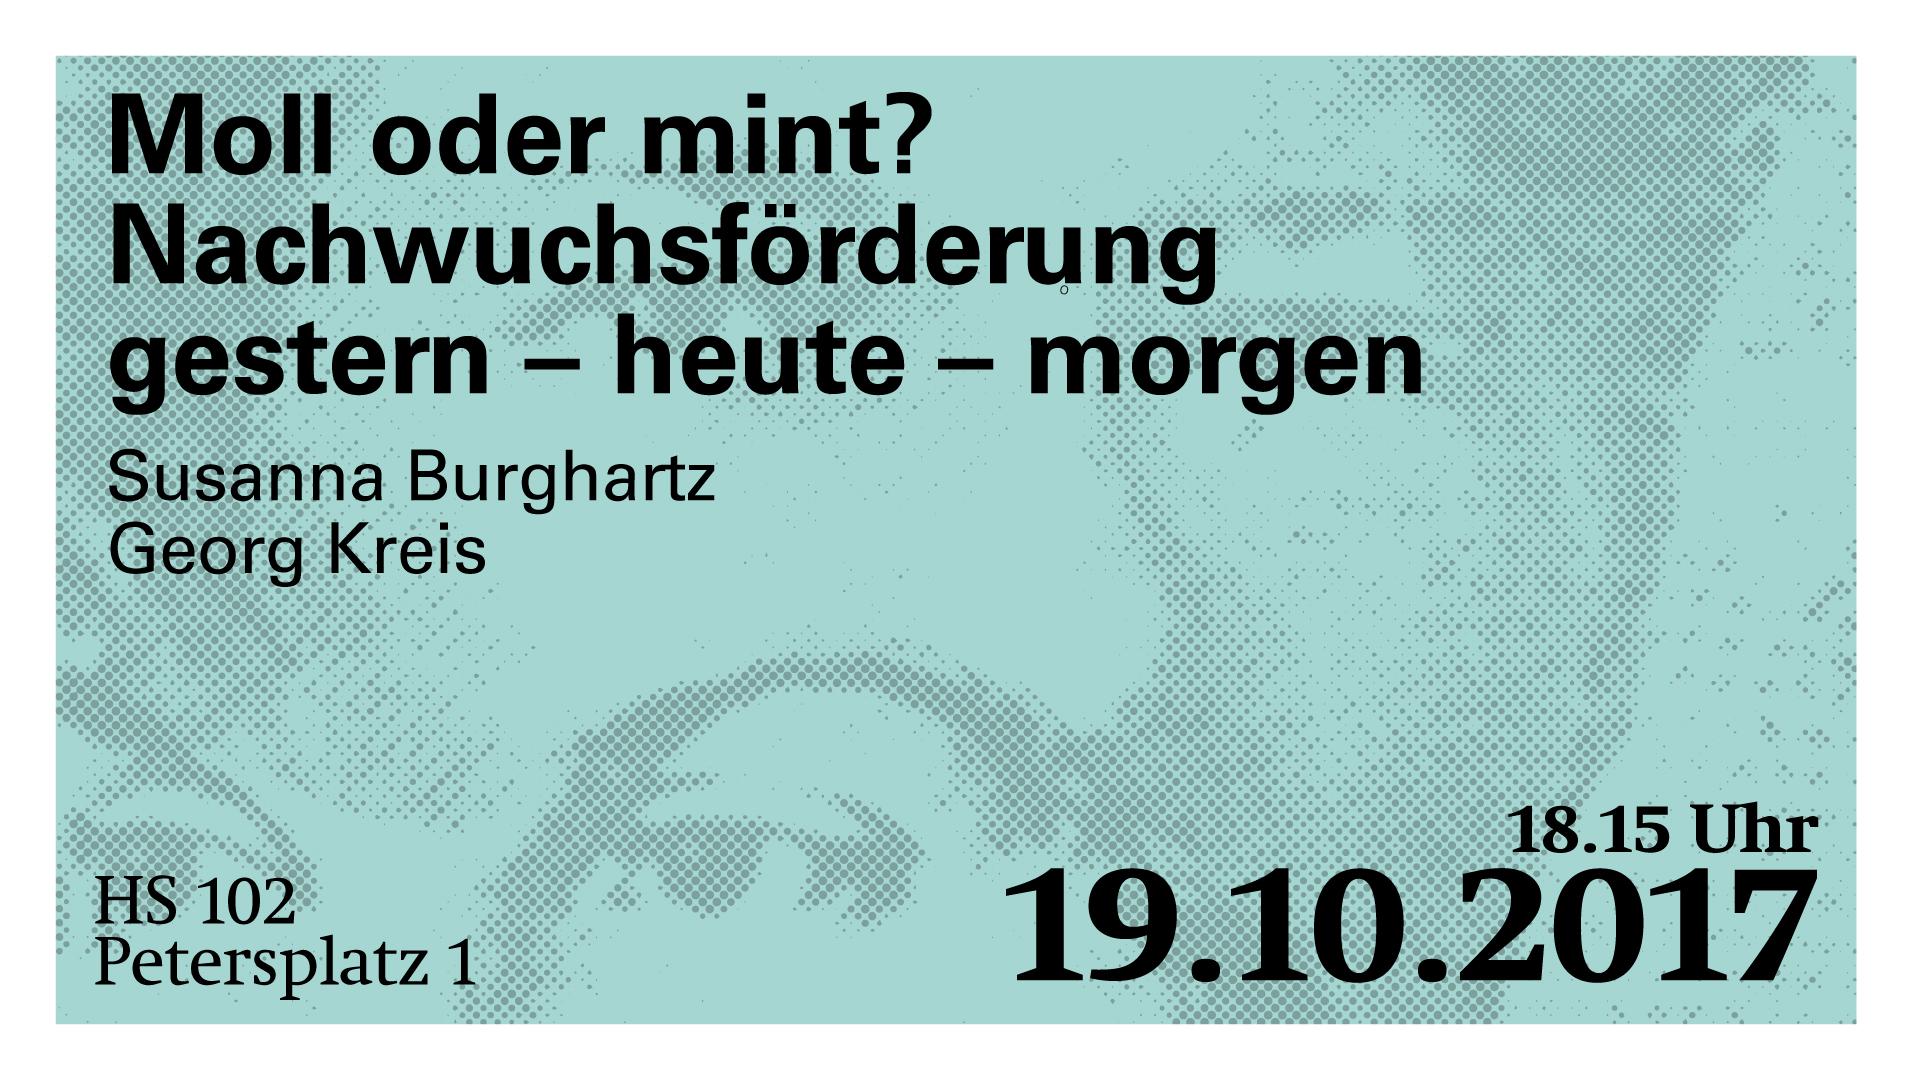 Susanna Burghartz, Georg Kreis: Moll oder mint? Nachwuchsförderung gestern – heute – morgen